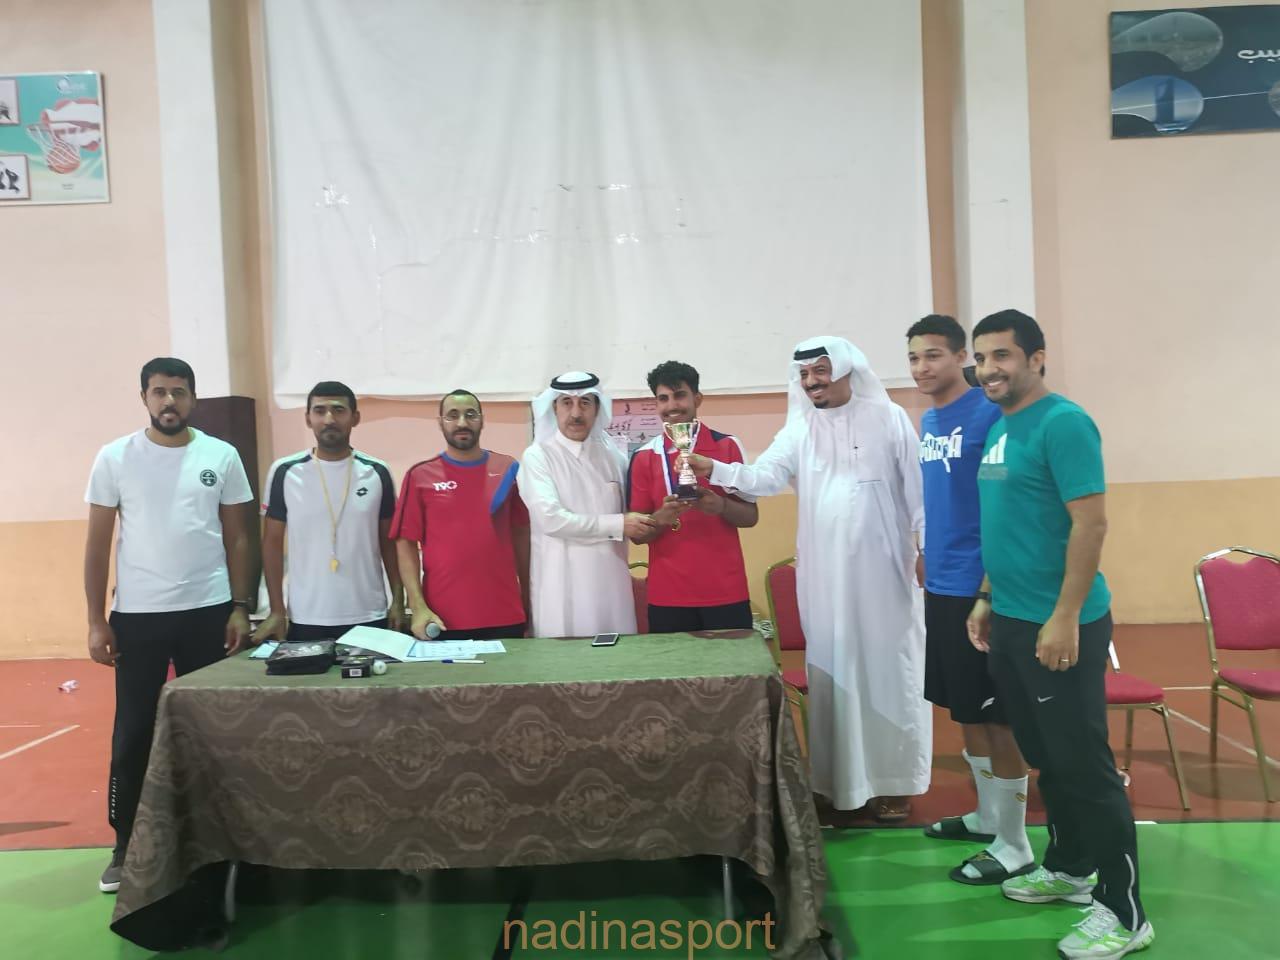 ختام بطولة  تنس الطاولة  في الاولمبياد الرياضي لأندية الأحياء بالأحساء